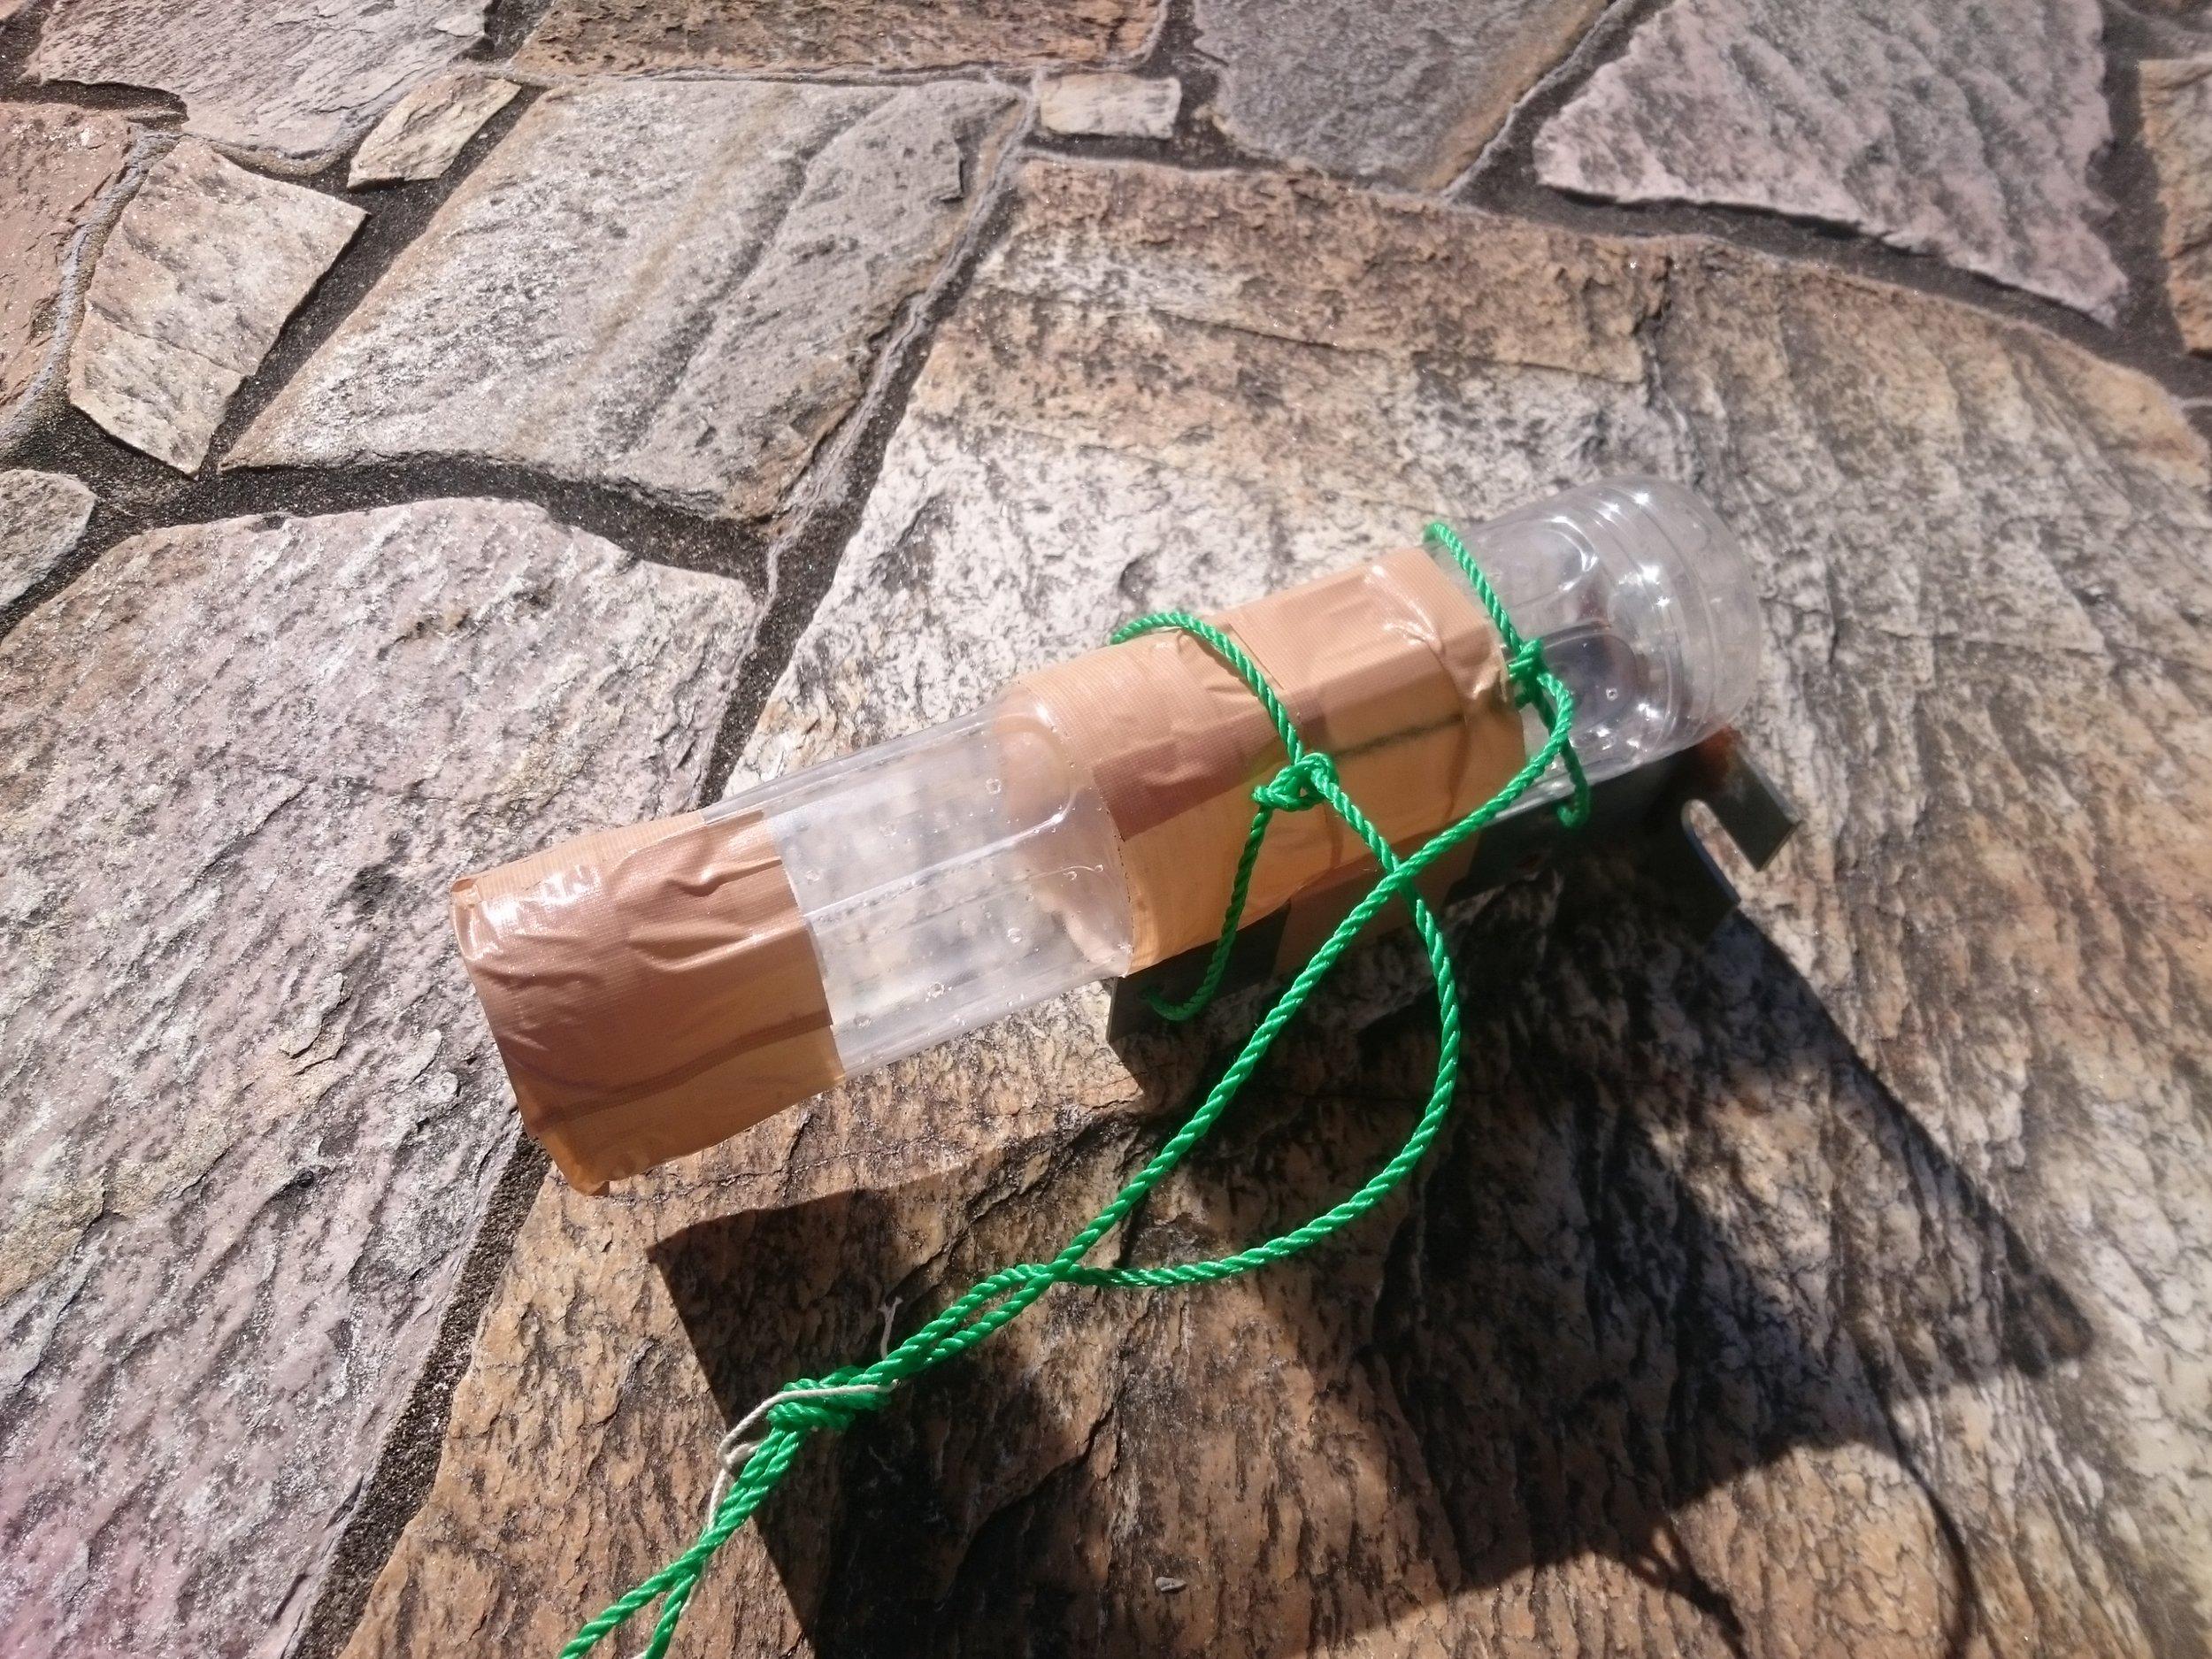 ペットボトル、ガムテープ、ロープ、おもりでできている。簡単に作れる。